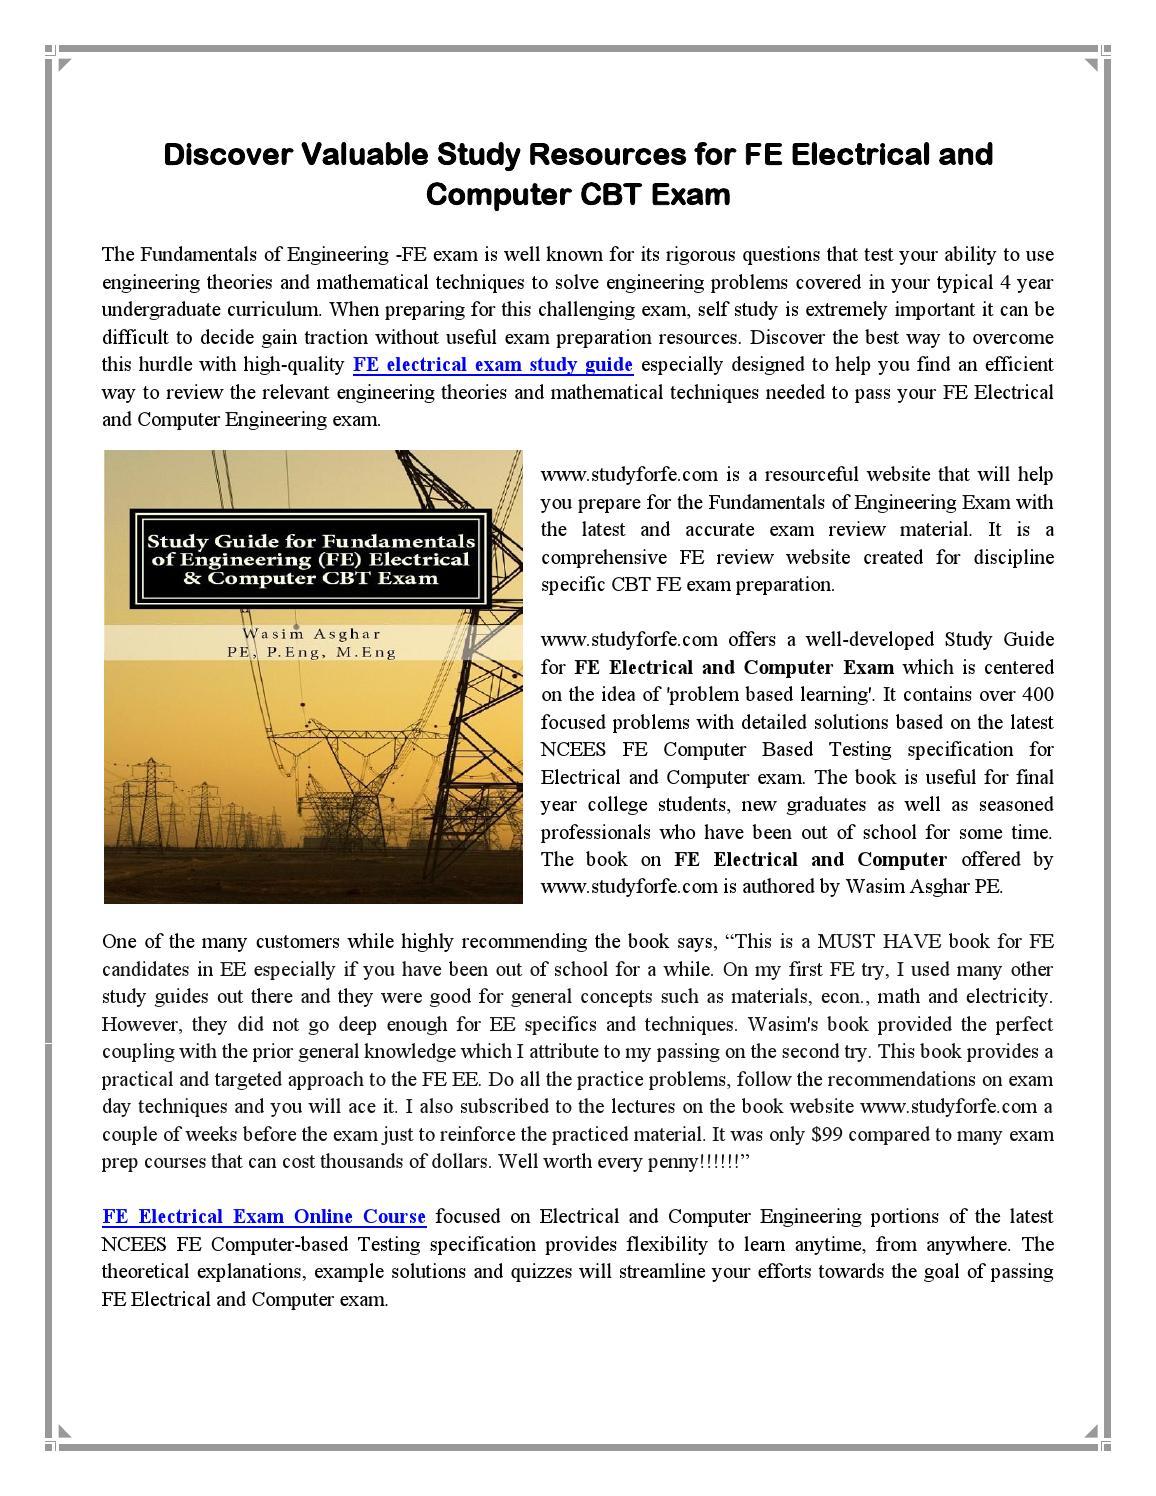 Fe exam study guide pdf